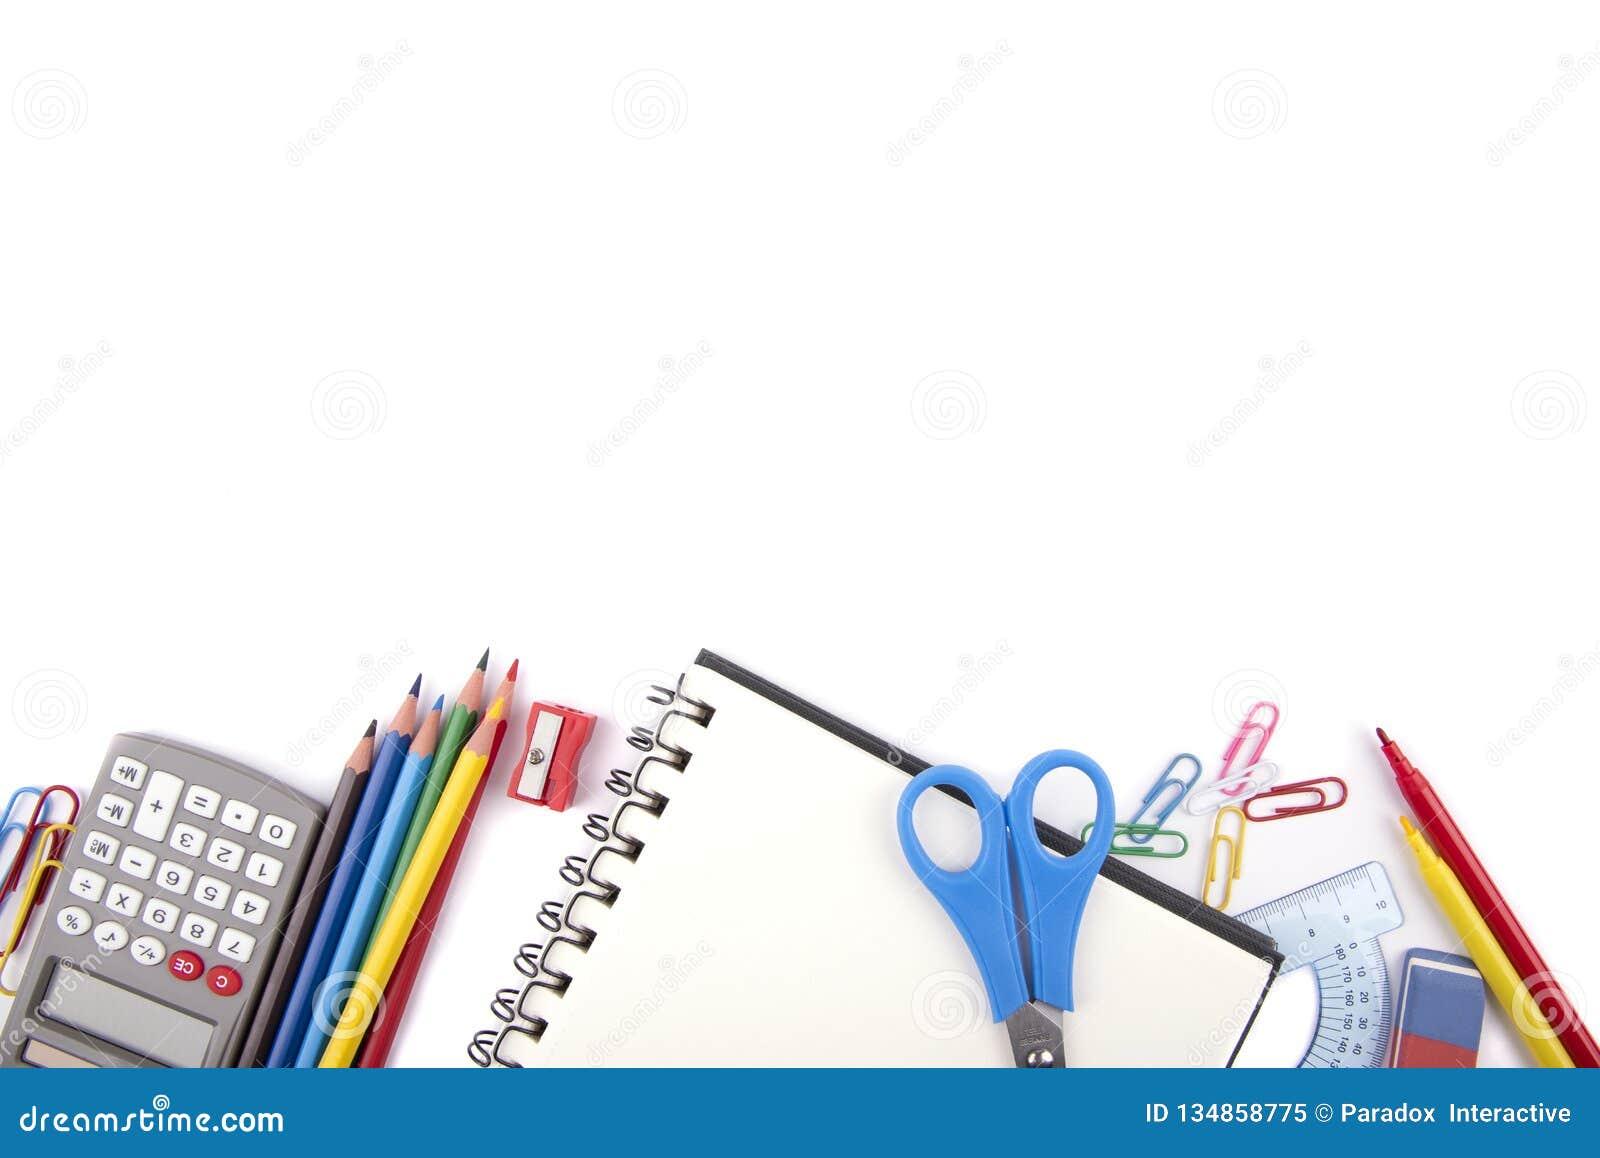 Школа или канцелярские товары